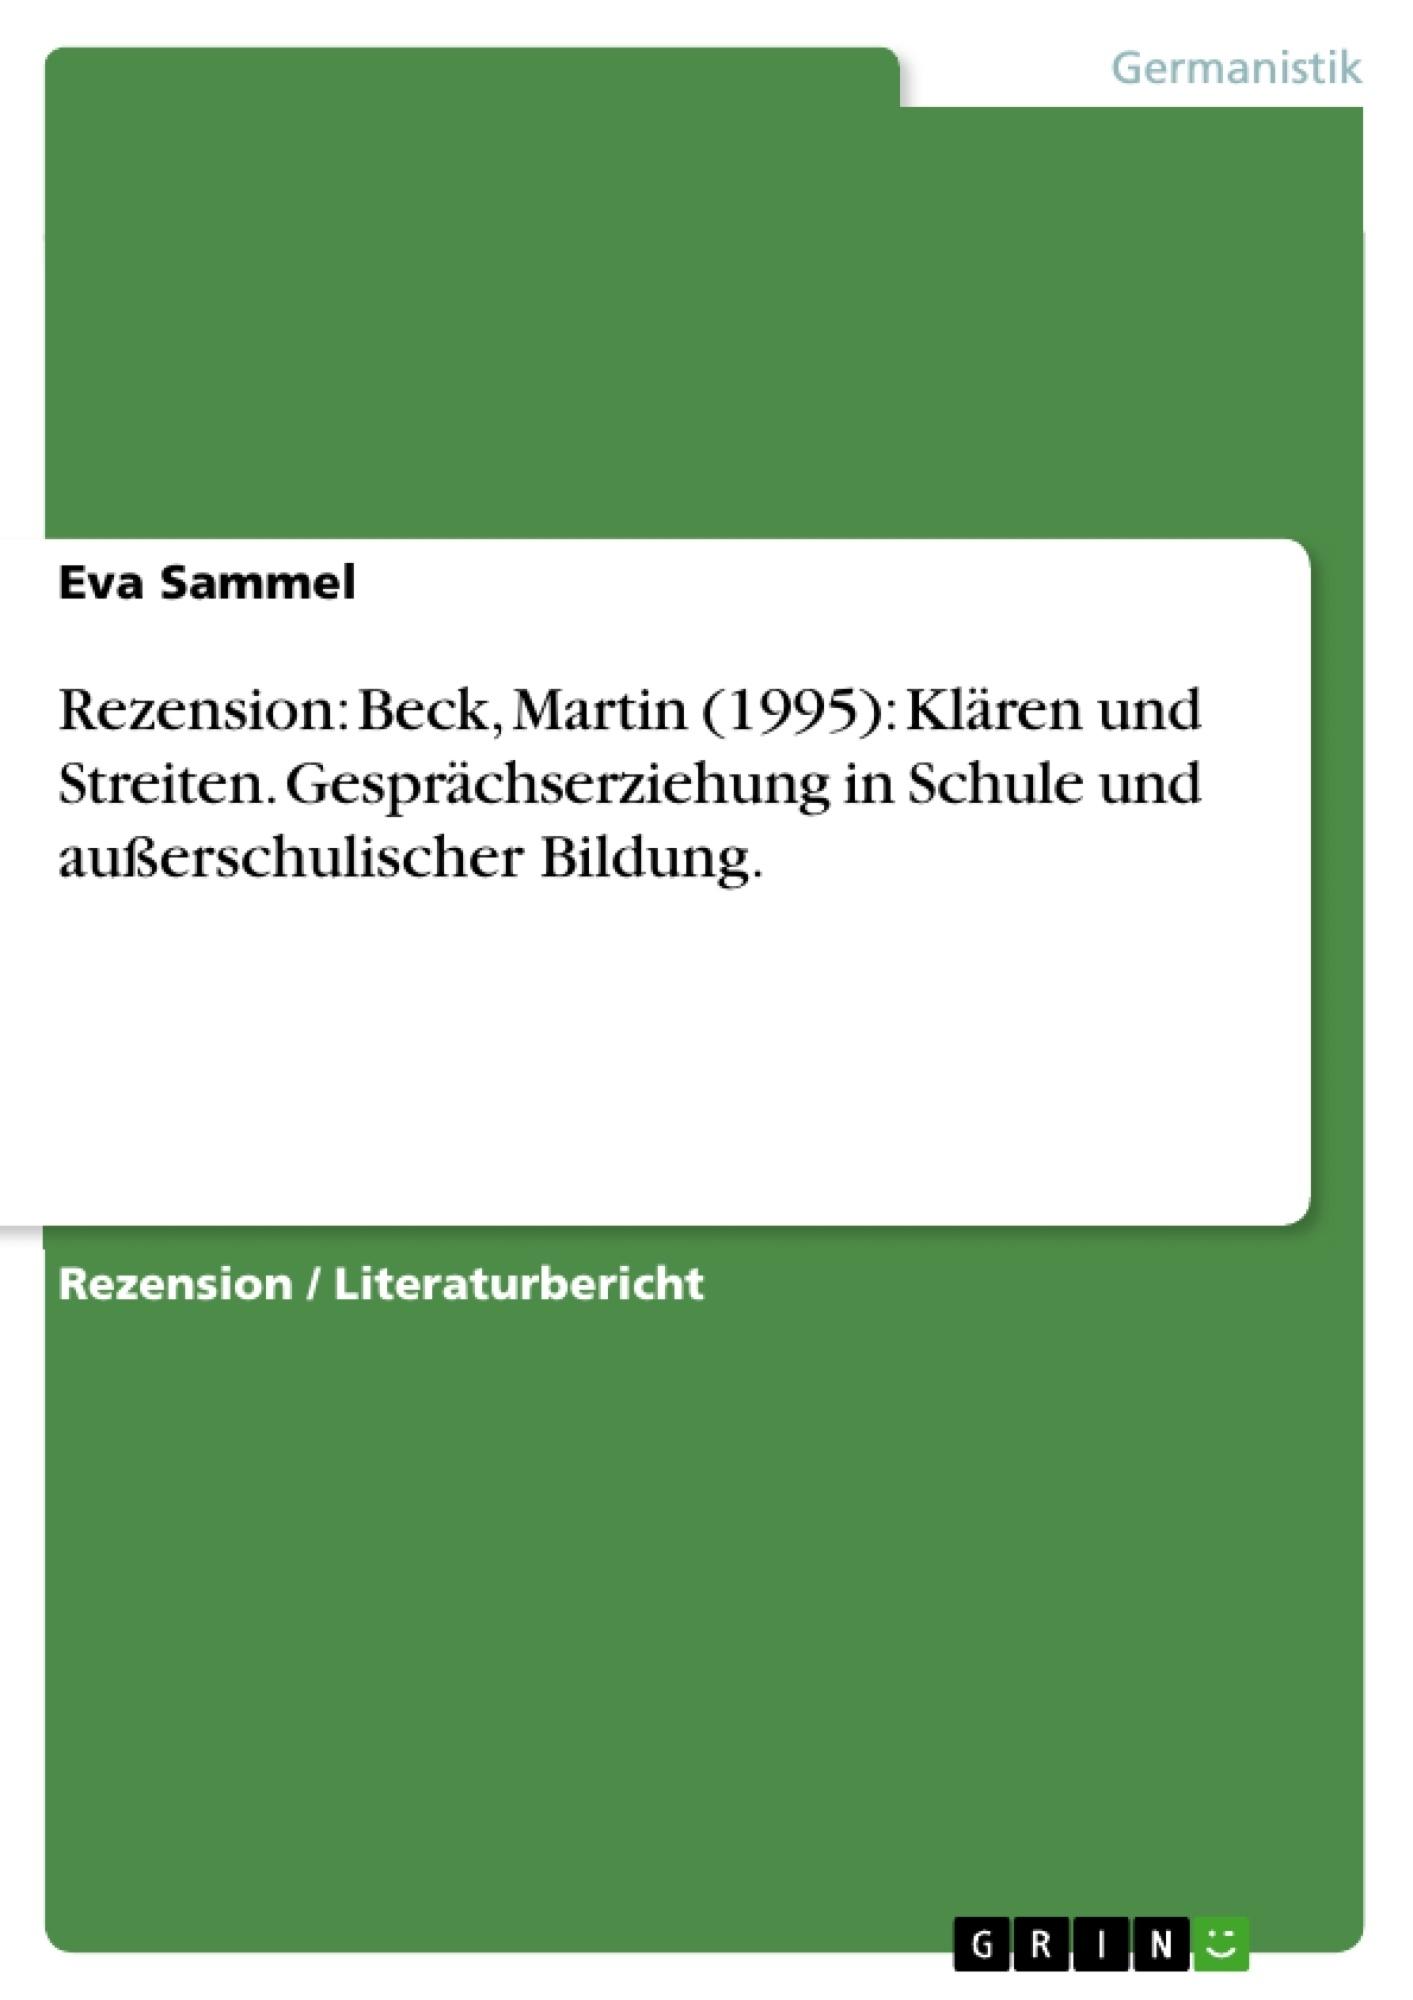 Titel: Rezension: Beck, Martin (1995): Klären und Streiten. Gesprächserziehung in Schule und außerschulischer Bildung.